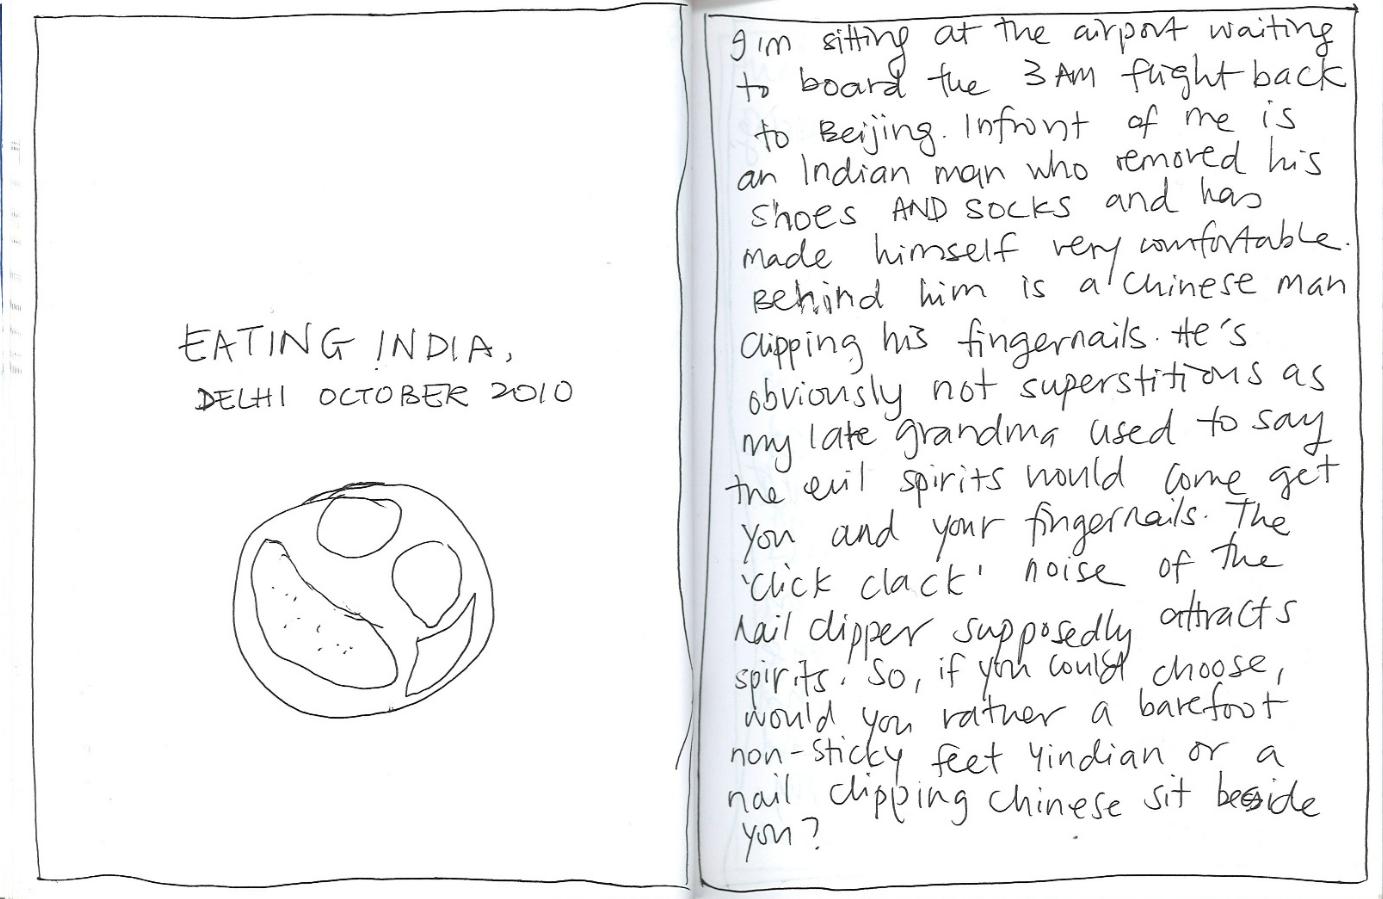 eating india short story